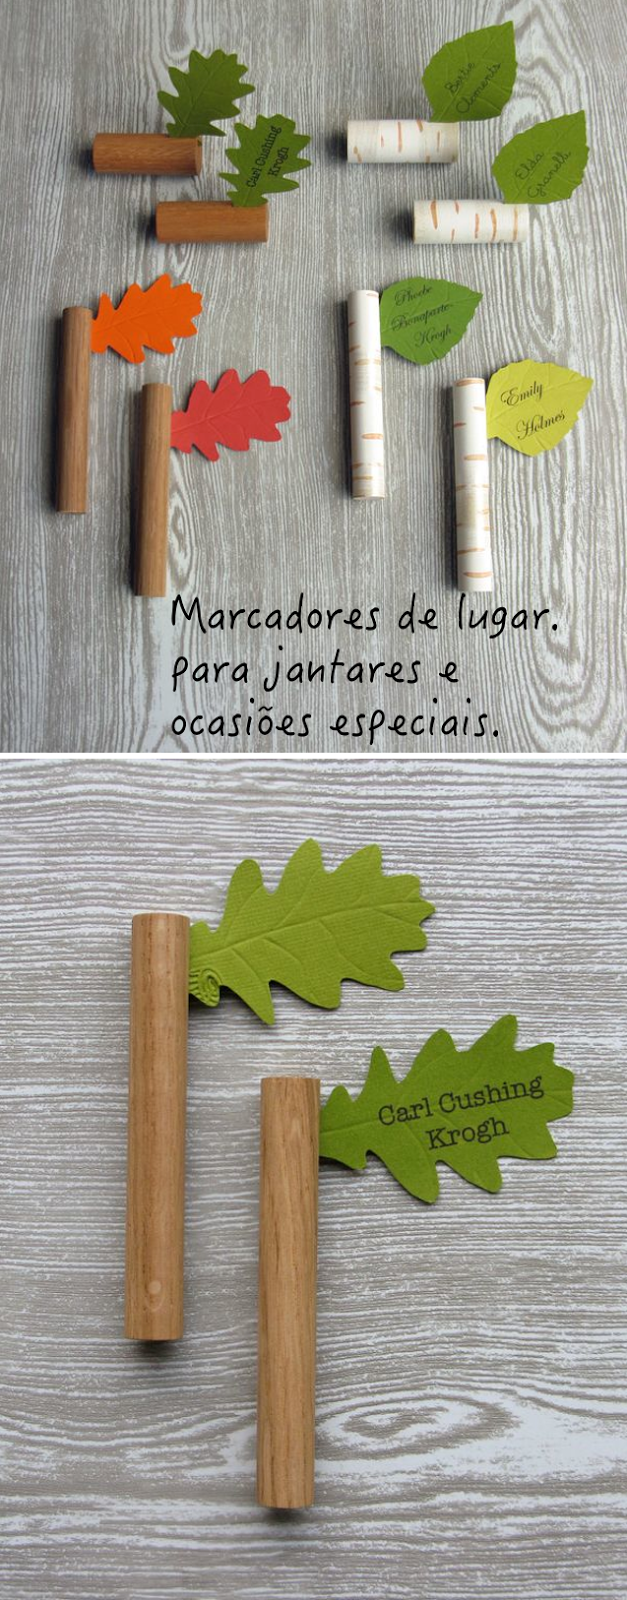 Produtos-artesanais-e-com-design-ecológico-1